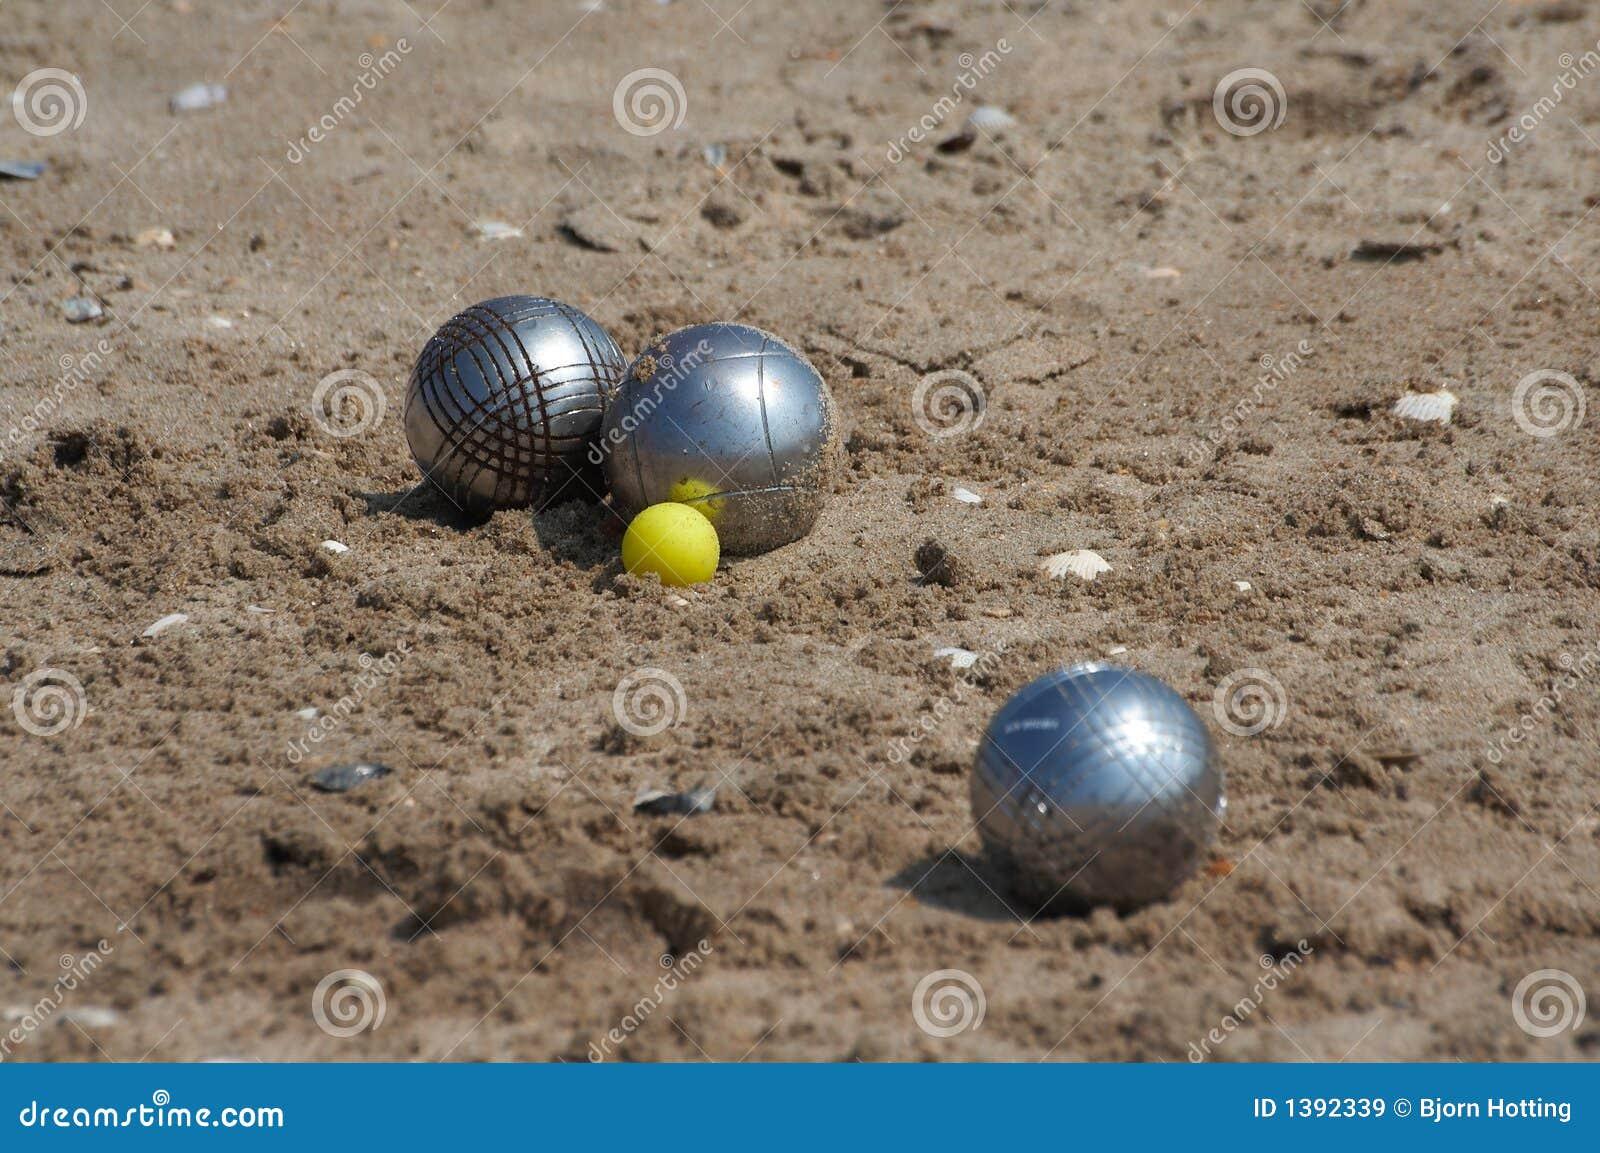 jeux de boules royalty free stock images image 1392339